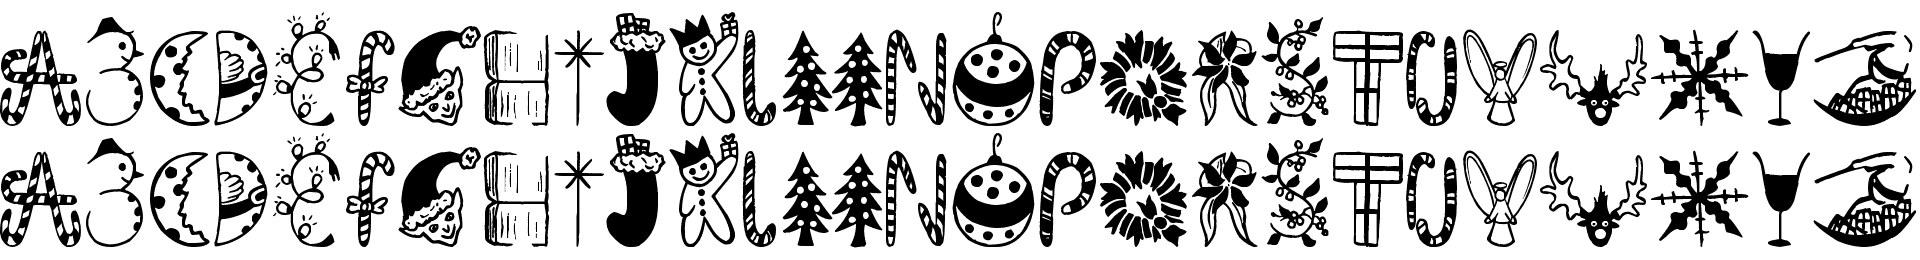 Kringley Christmas